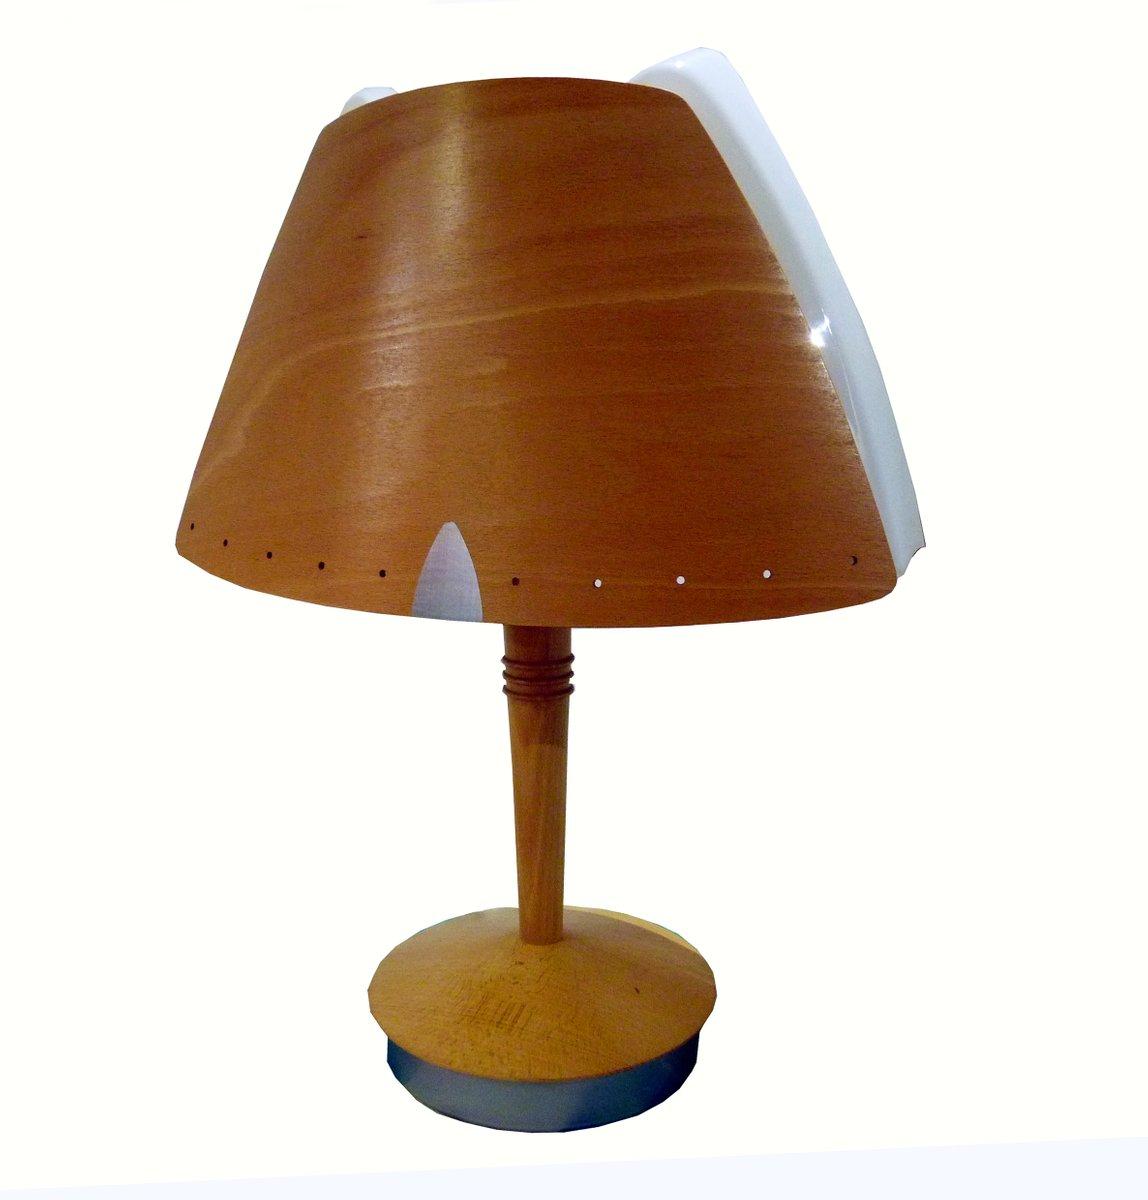 Lampe de Bureau Vintage de Lucid, 1970s en vente sur Pamono